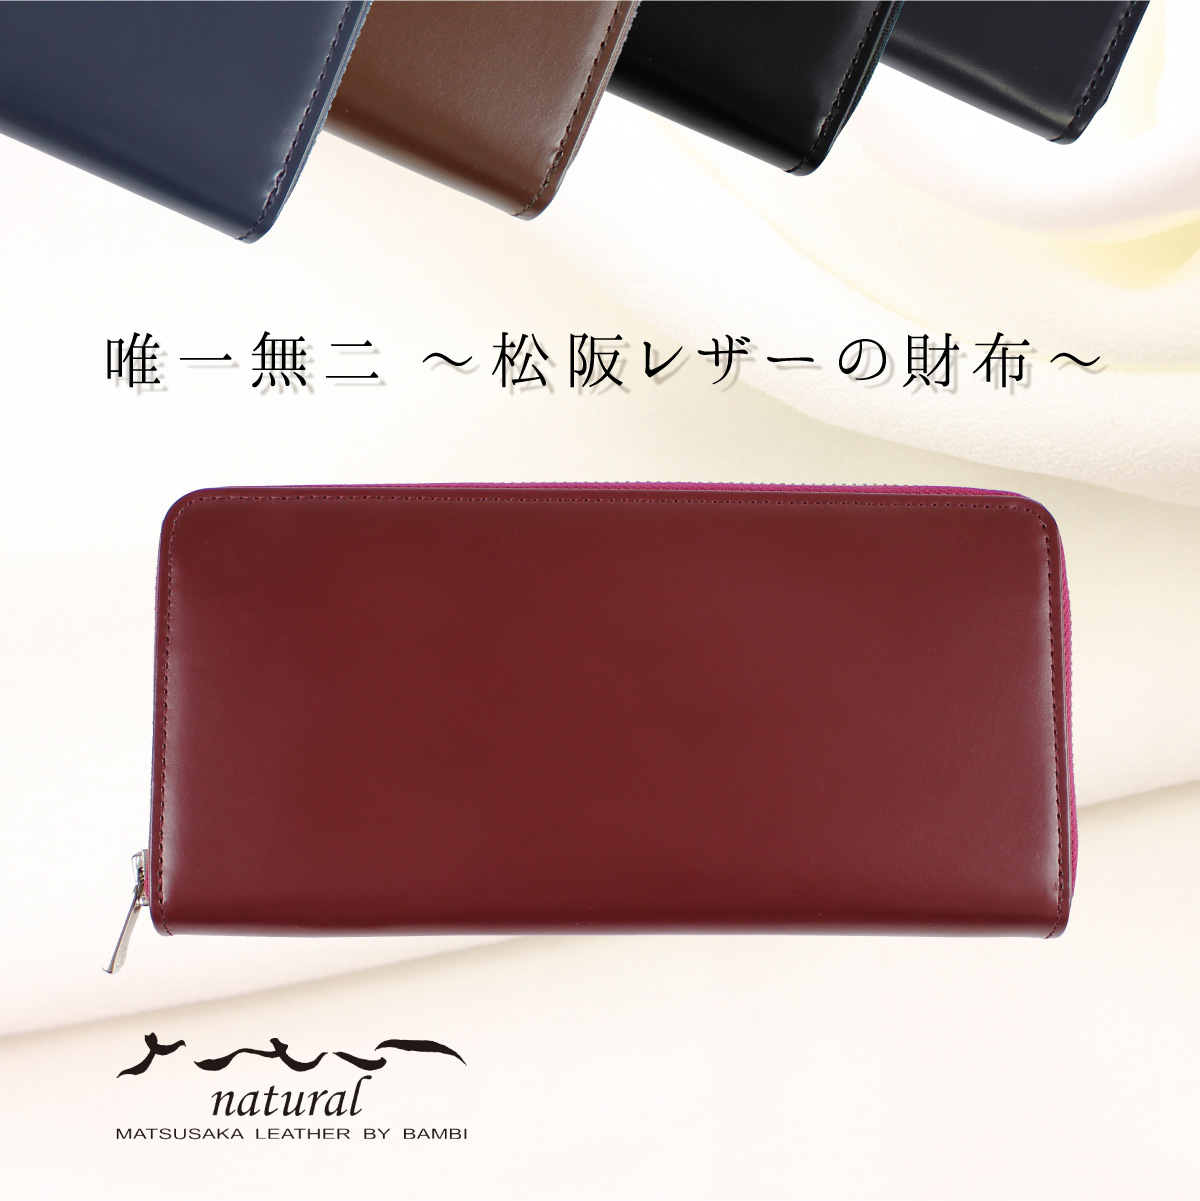 松阪レザーのプレミアム財布 さとりナチュラル ラウンドファスナー長財布 【カラー:葡萄】